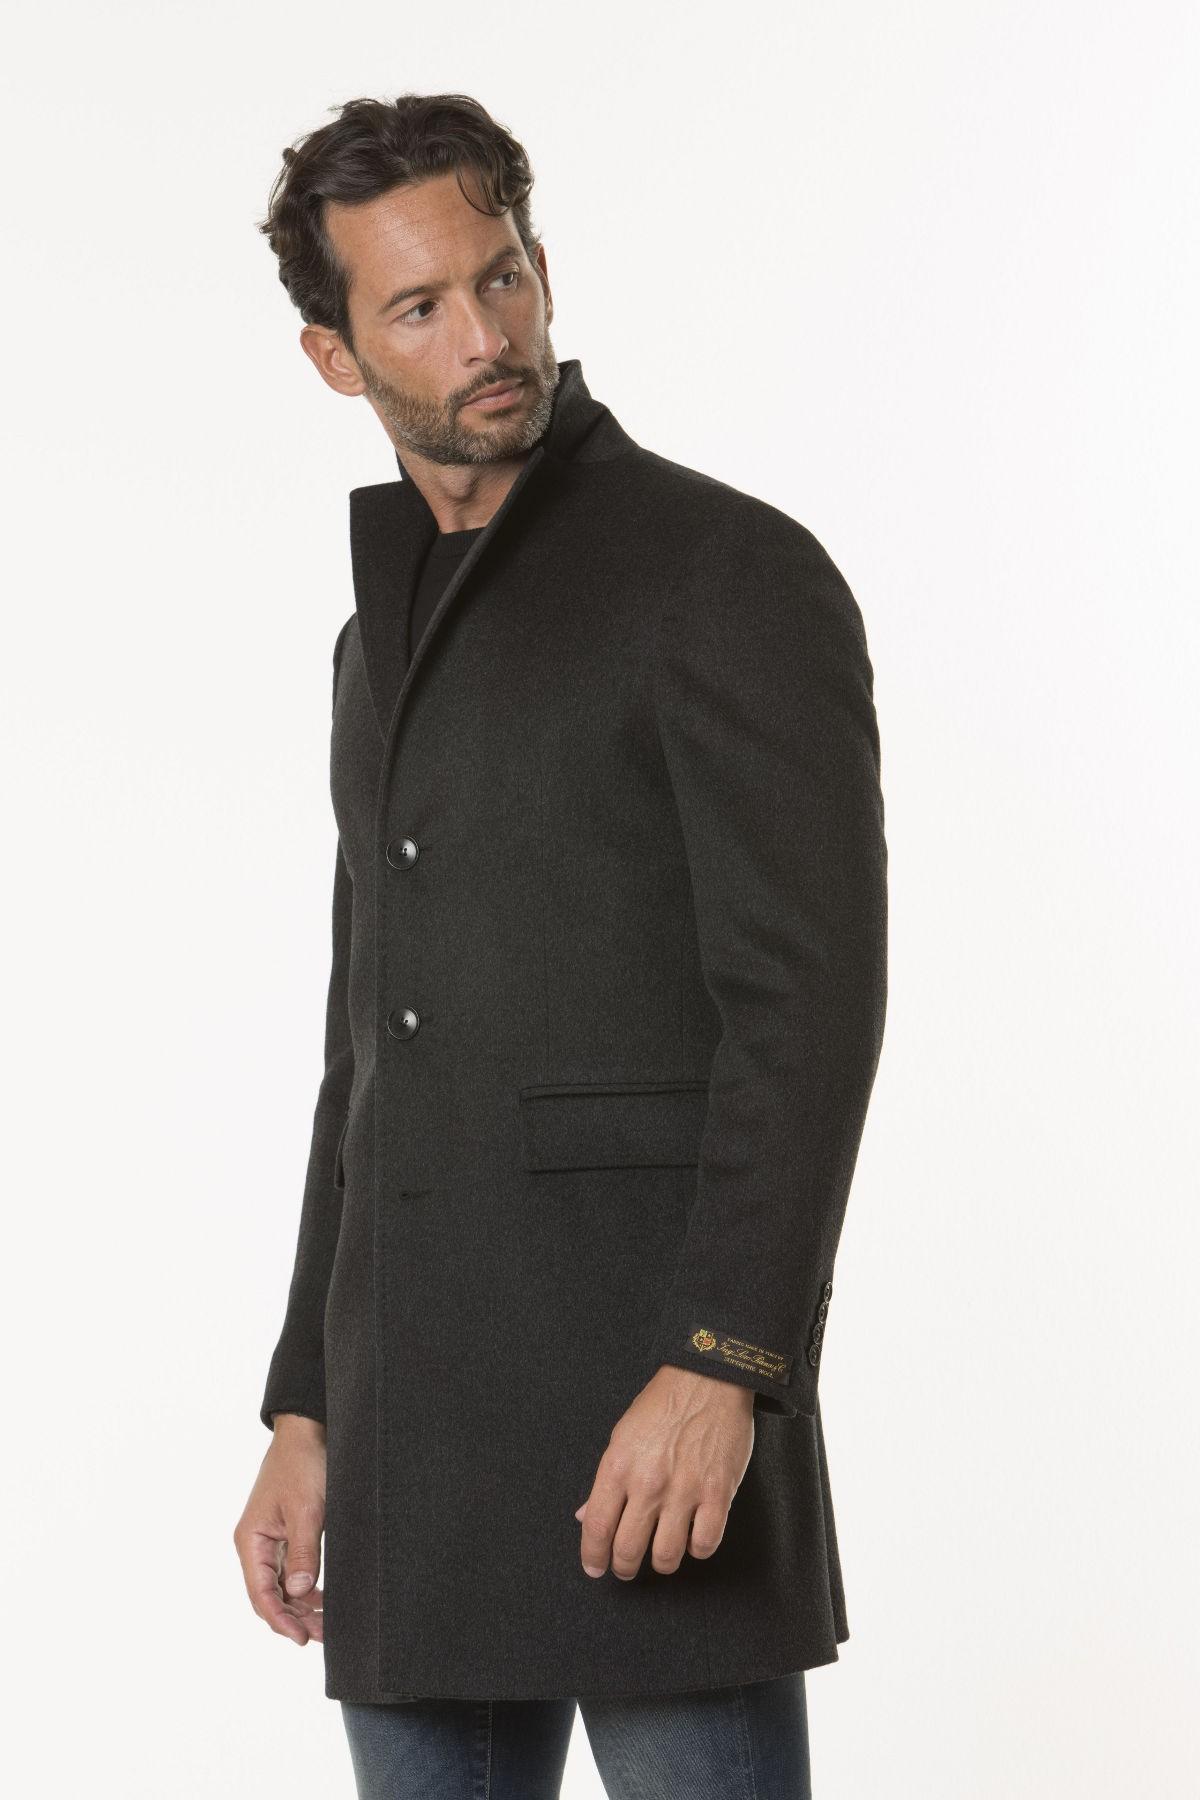 Cappotto per uomo RIONE FONTANA A I 17-18 992eabadc11